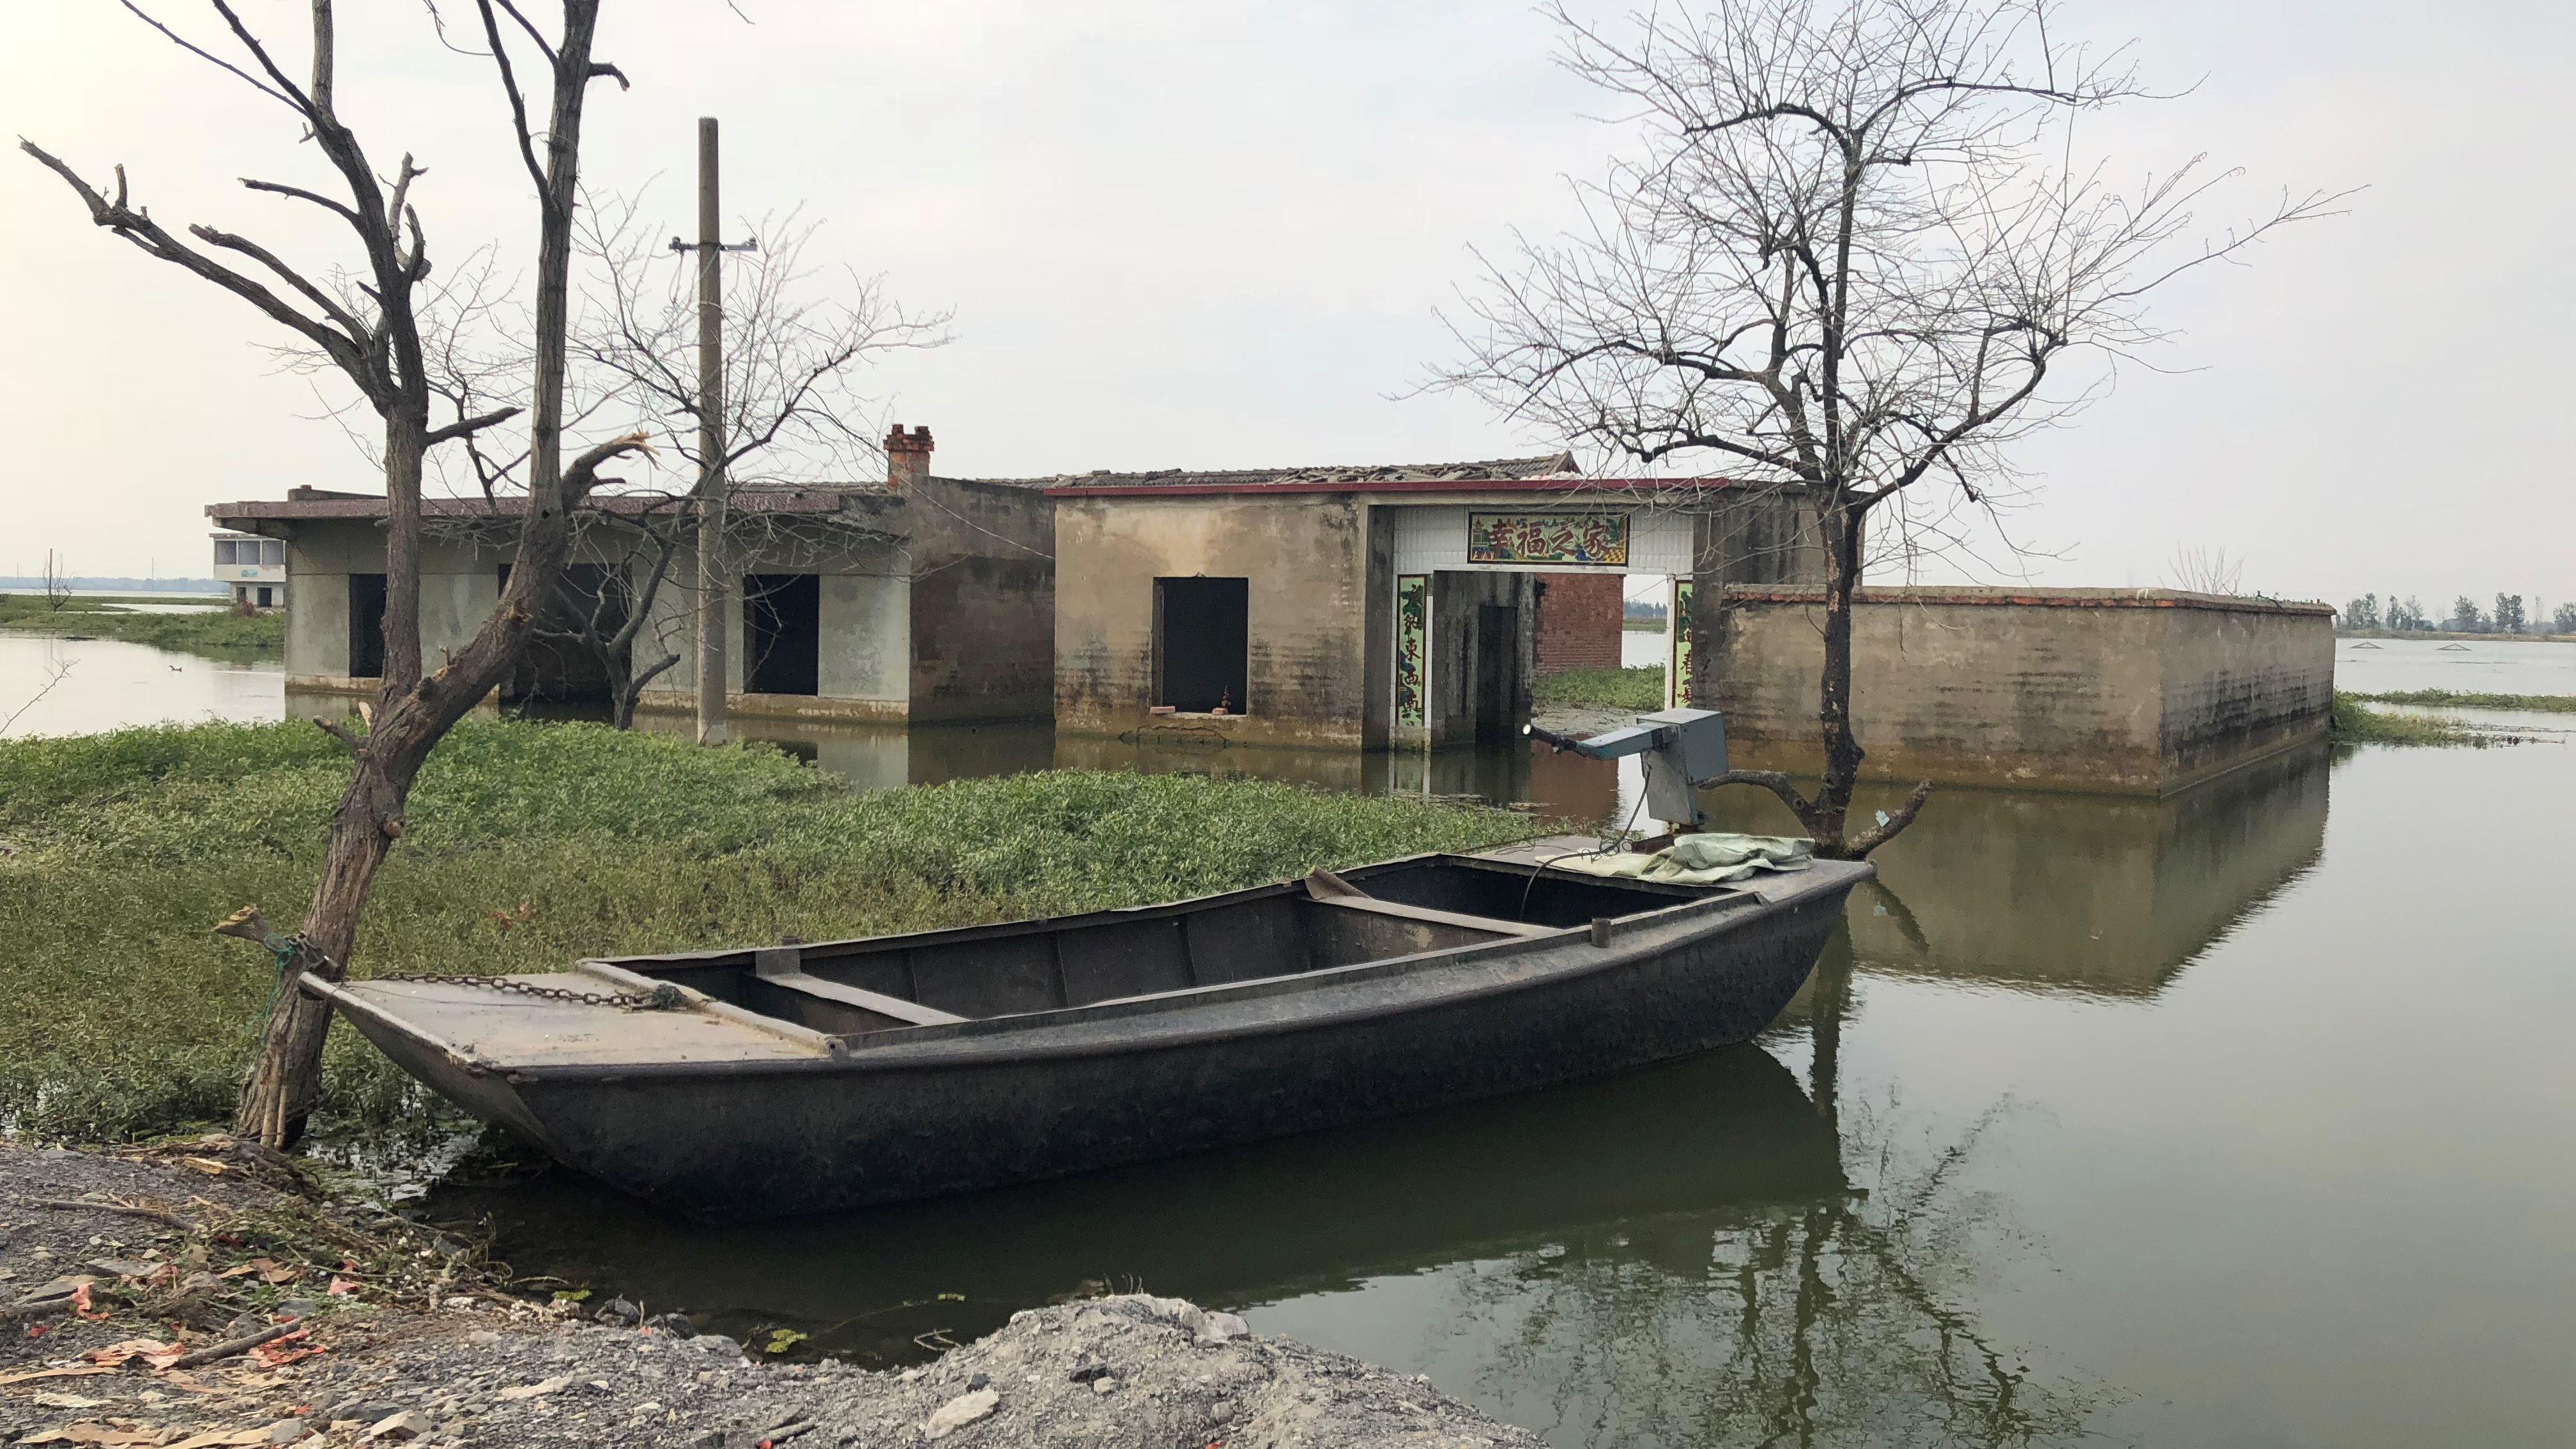 安徽淮南土地沉陷调查:采煤持续至今 多个村庄成湖